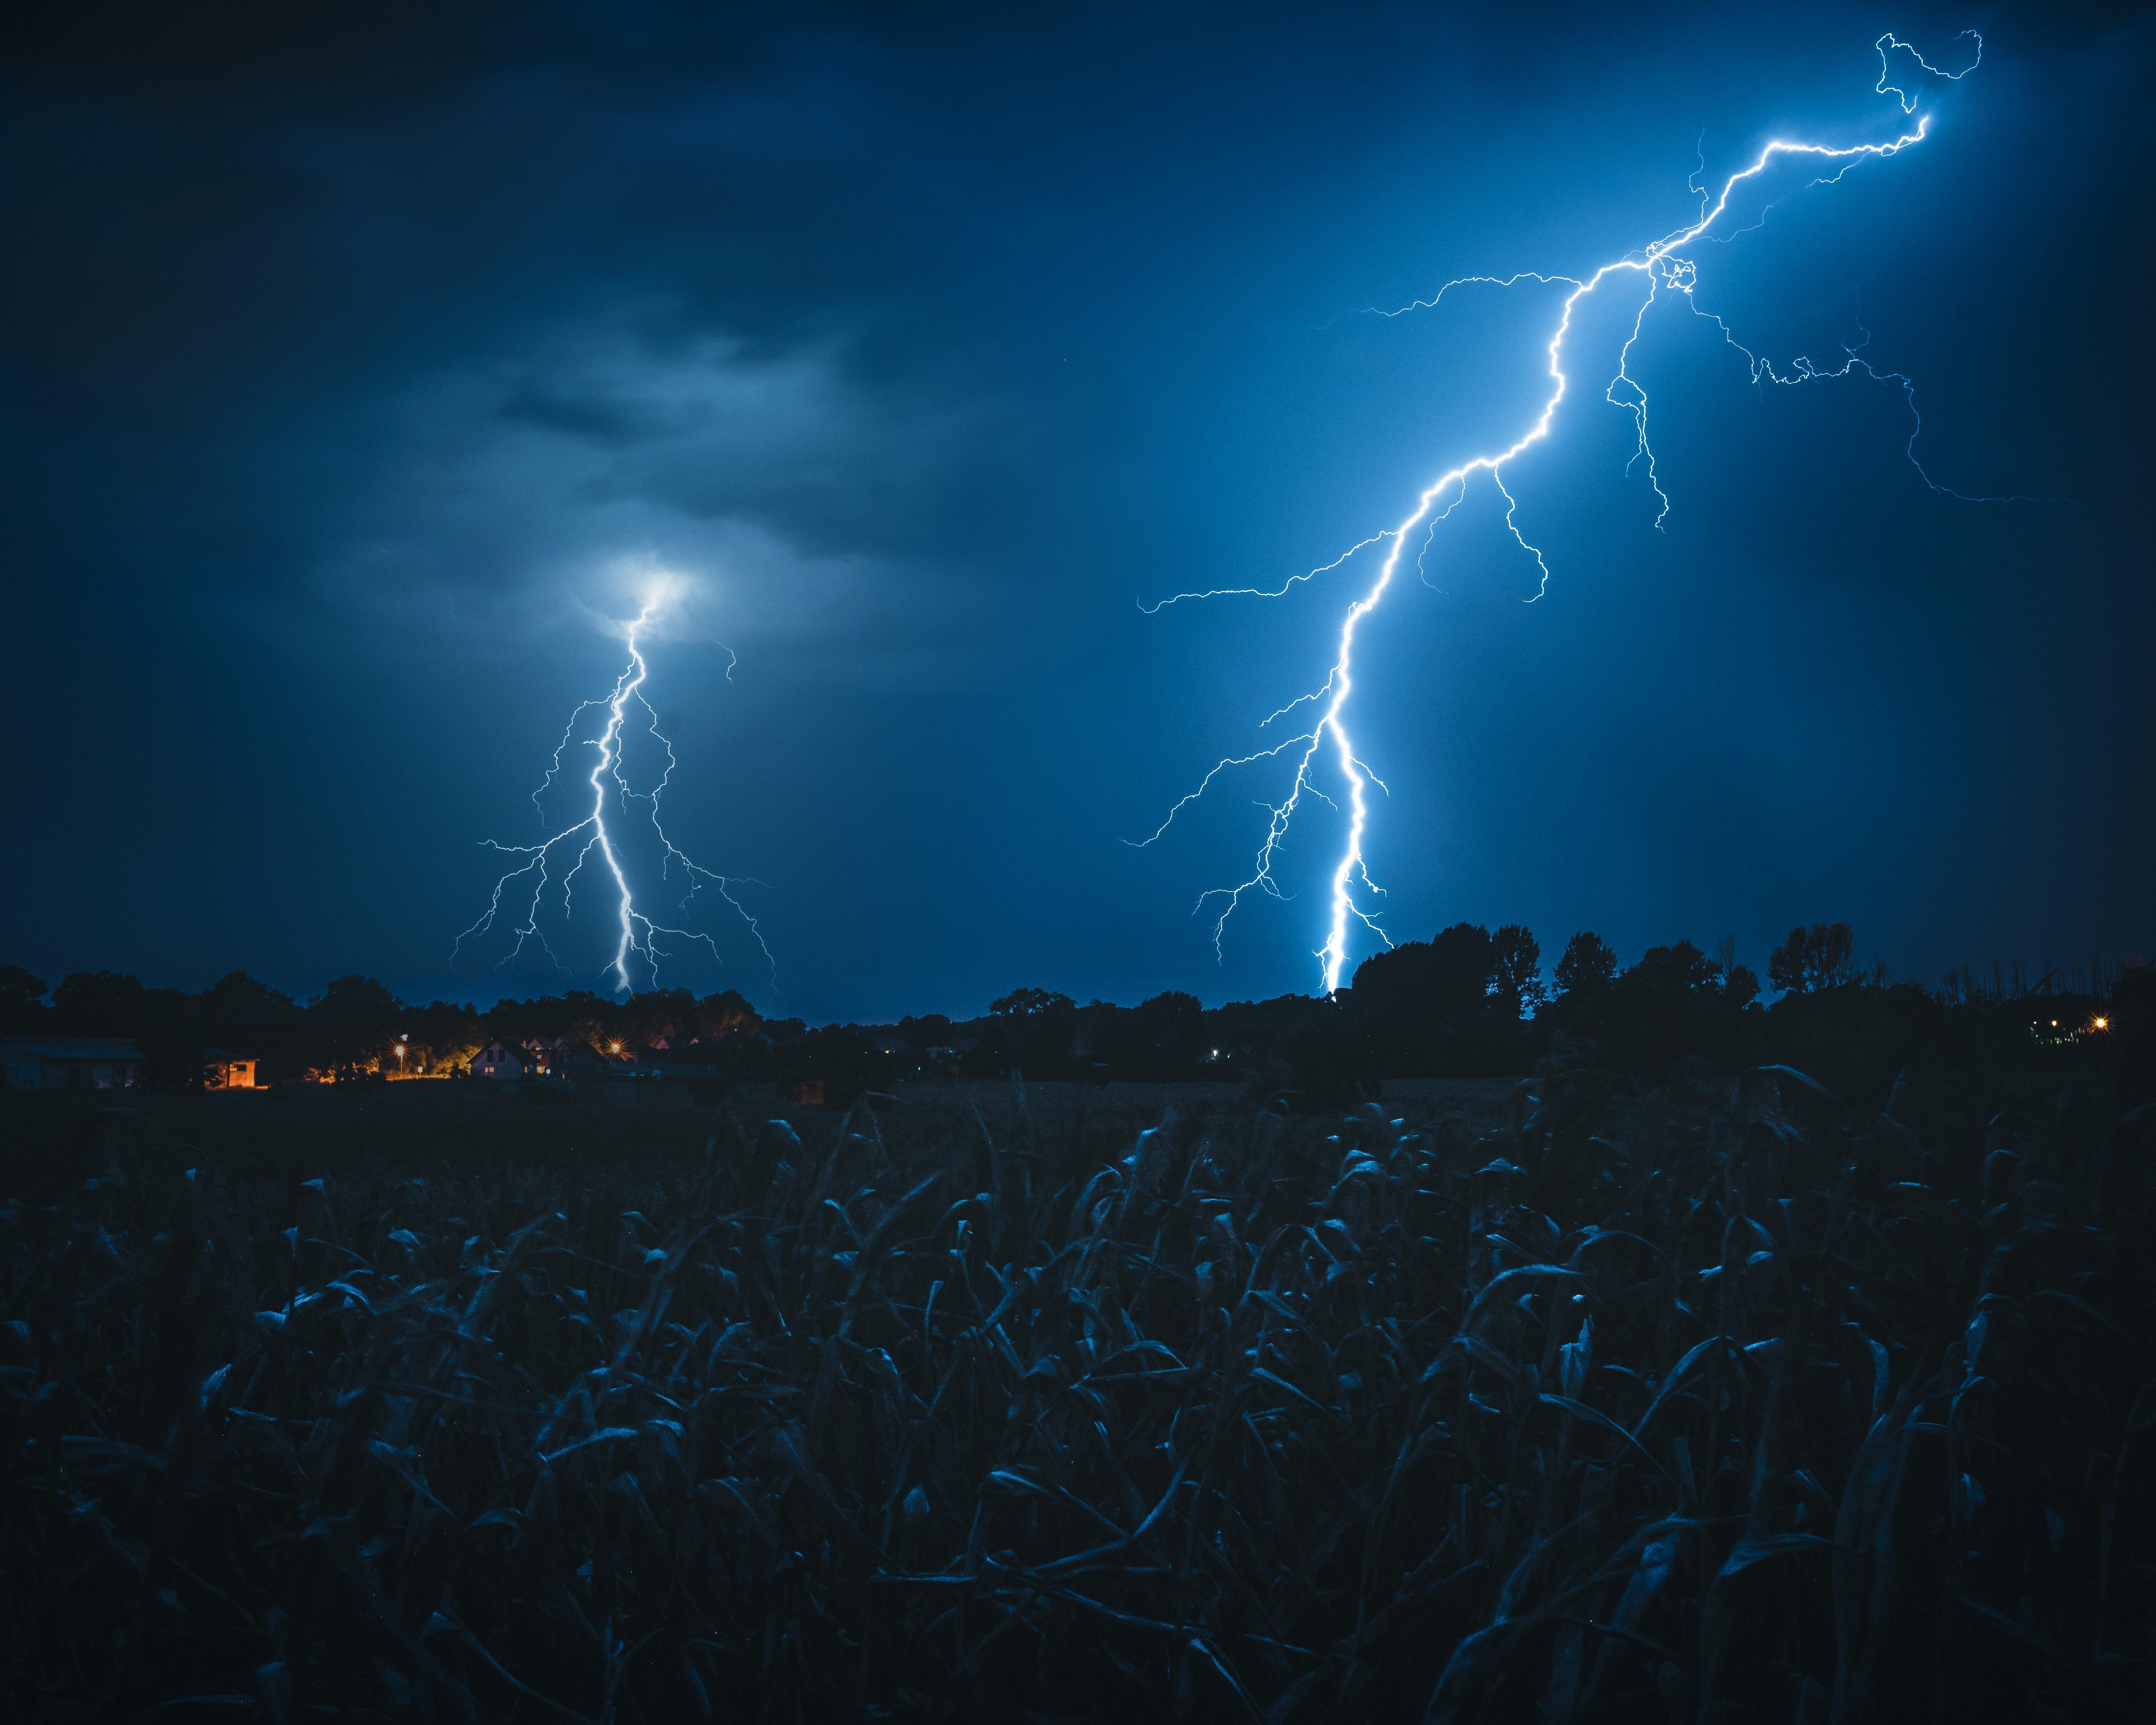 133657 Заставки и Обои Молния на телефон. Скачать Природа, Небо, Ночь, Темный, Пасмурно, Молния картинки бесплатно